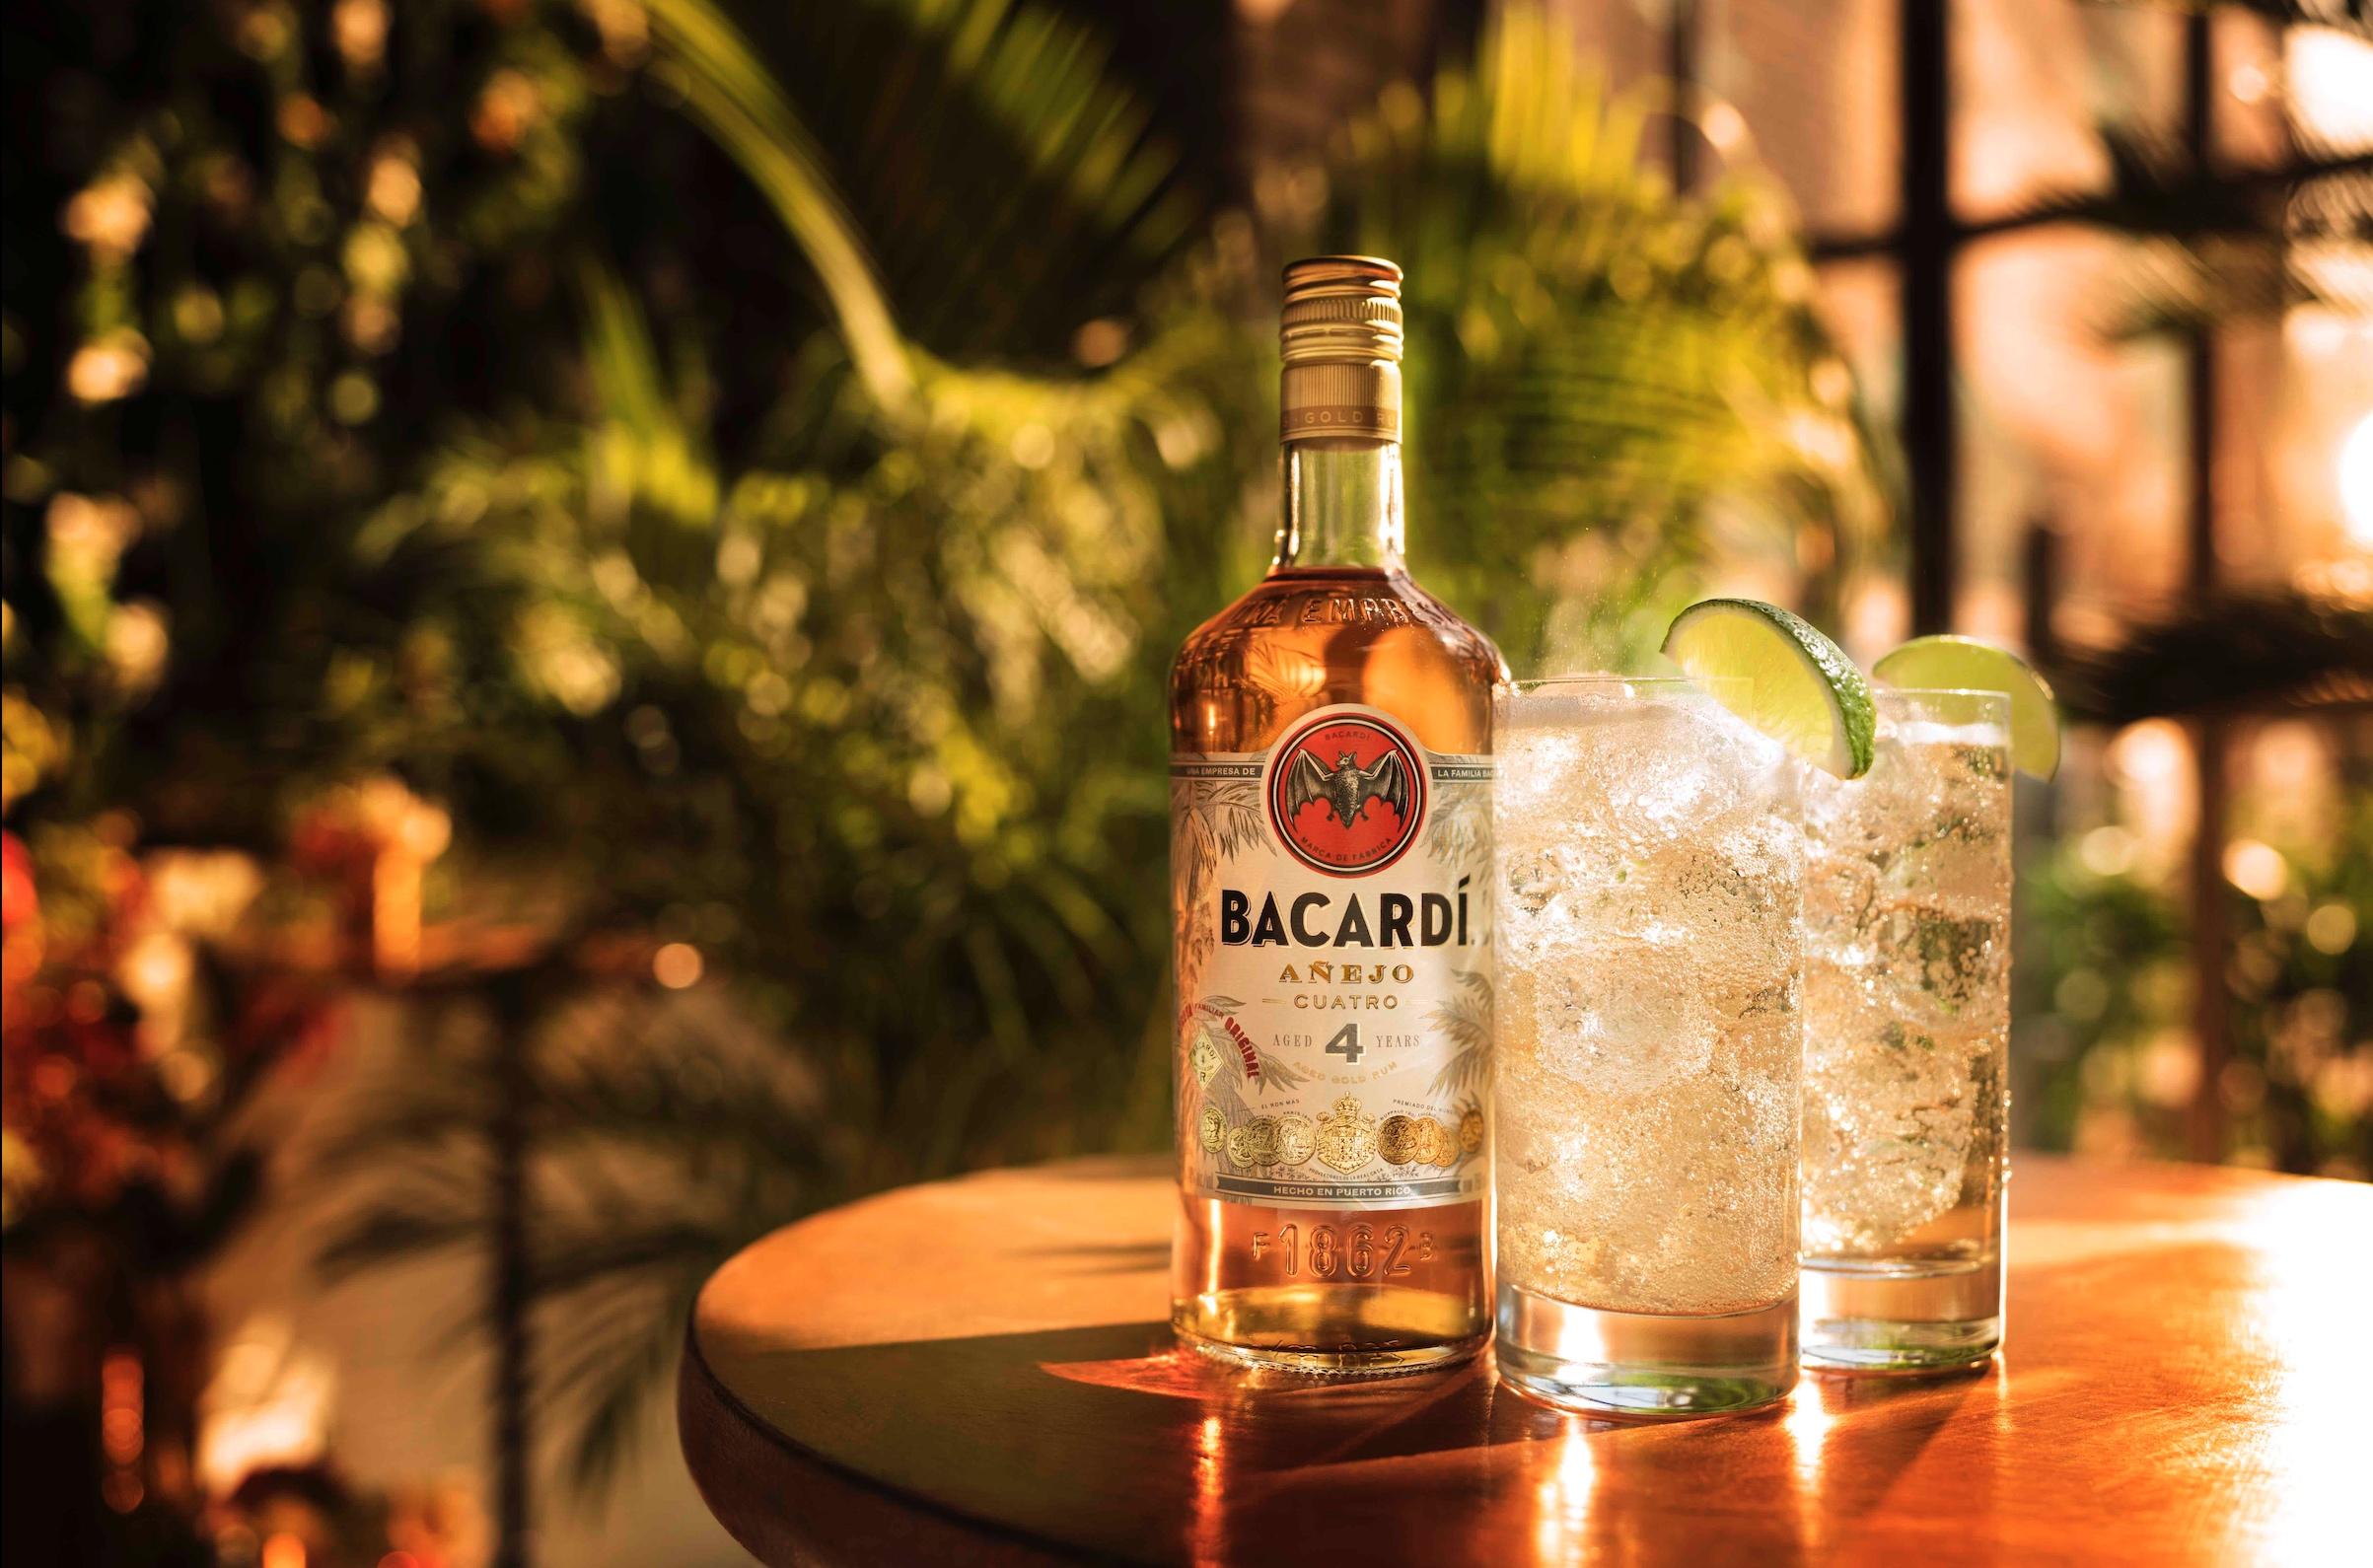 Bacardi Rum Room